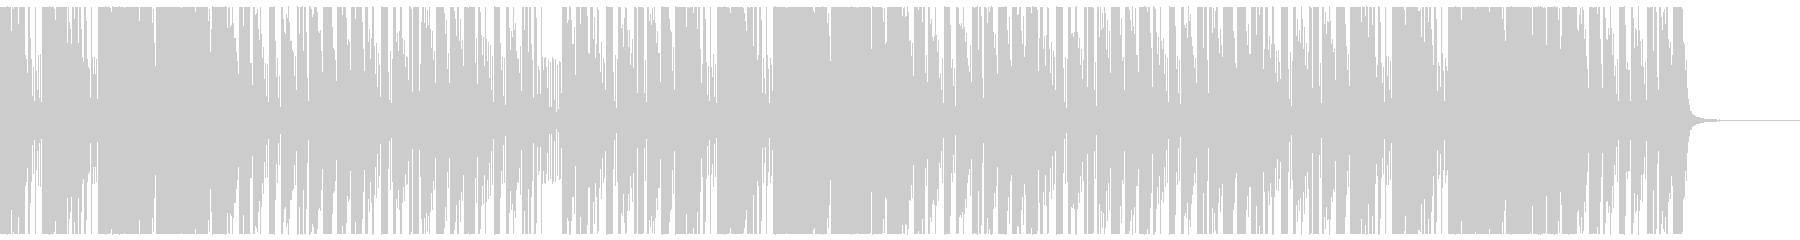 ヒップホップタイプビート2の未再生の波形